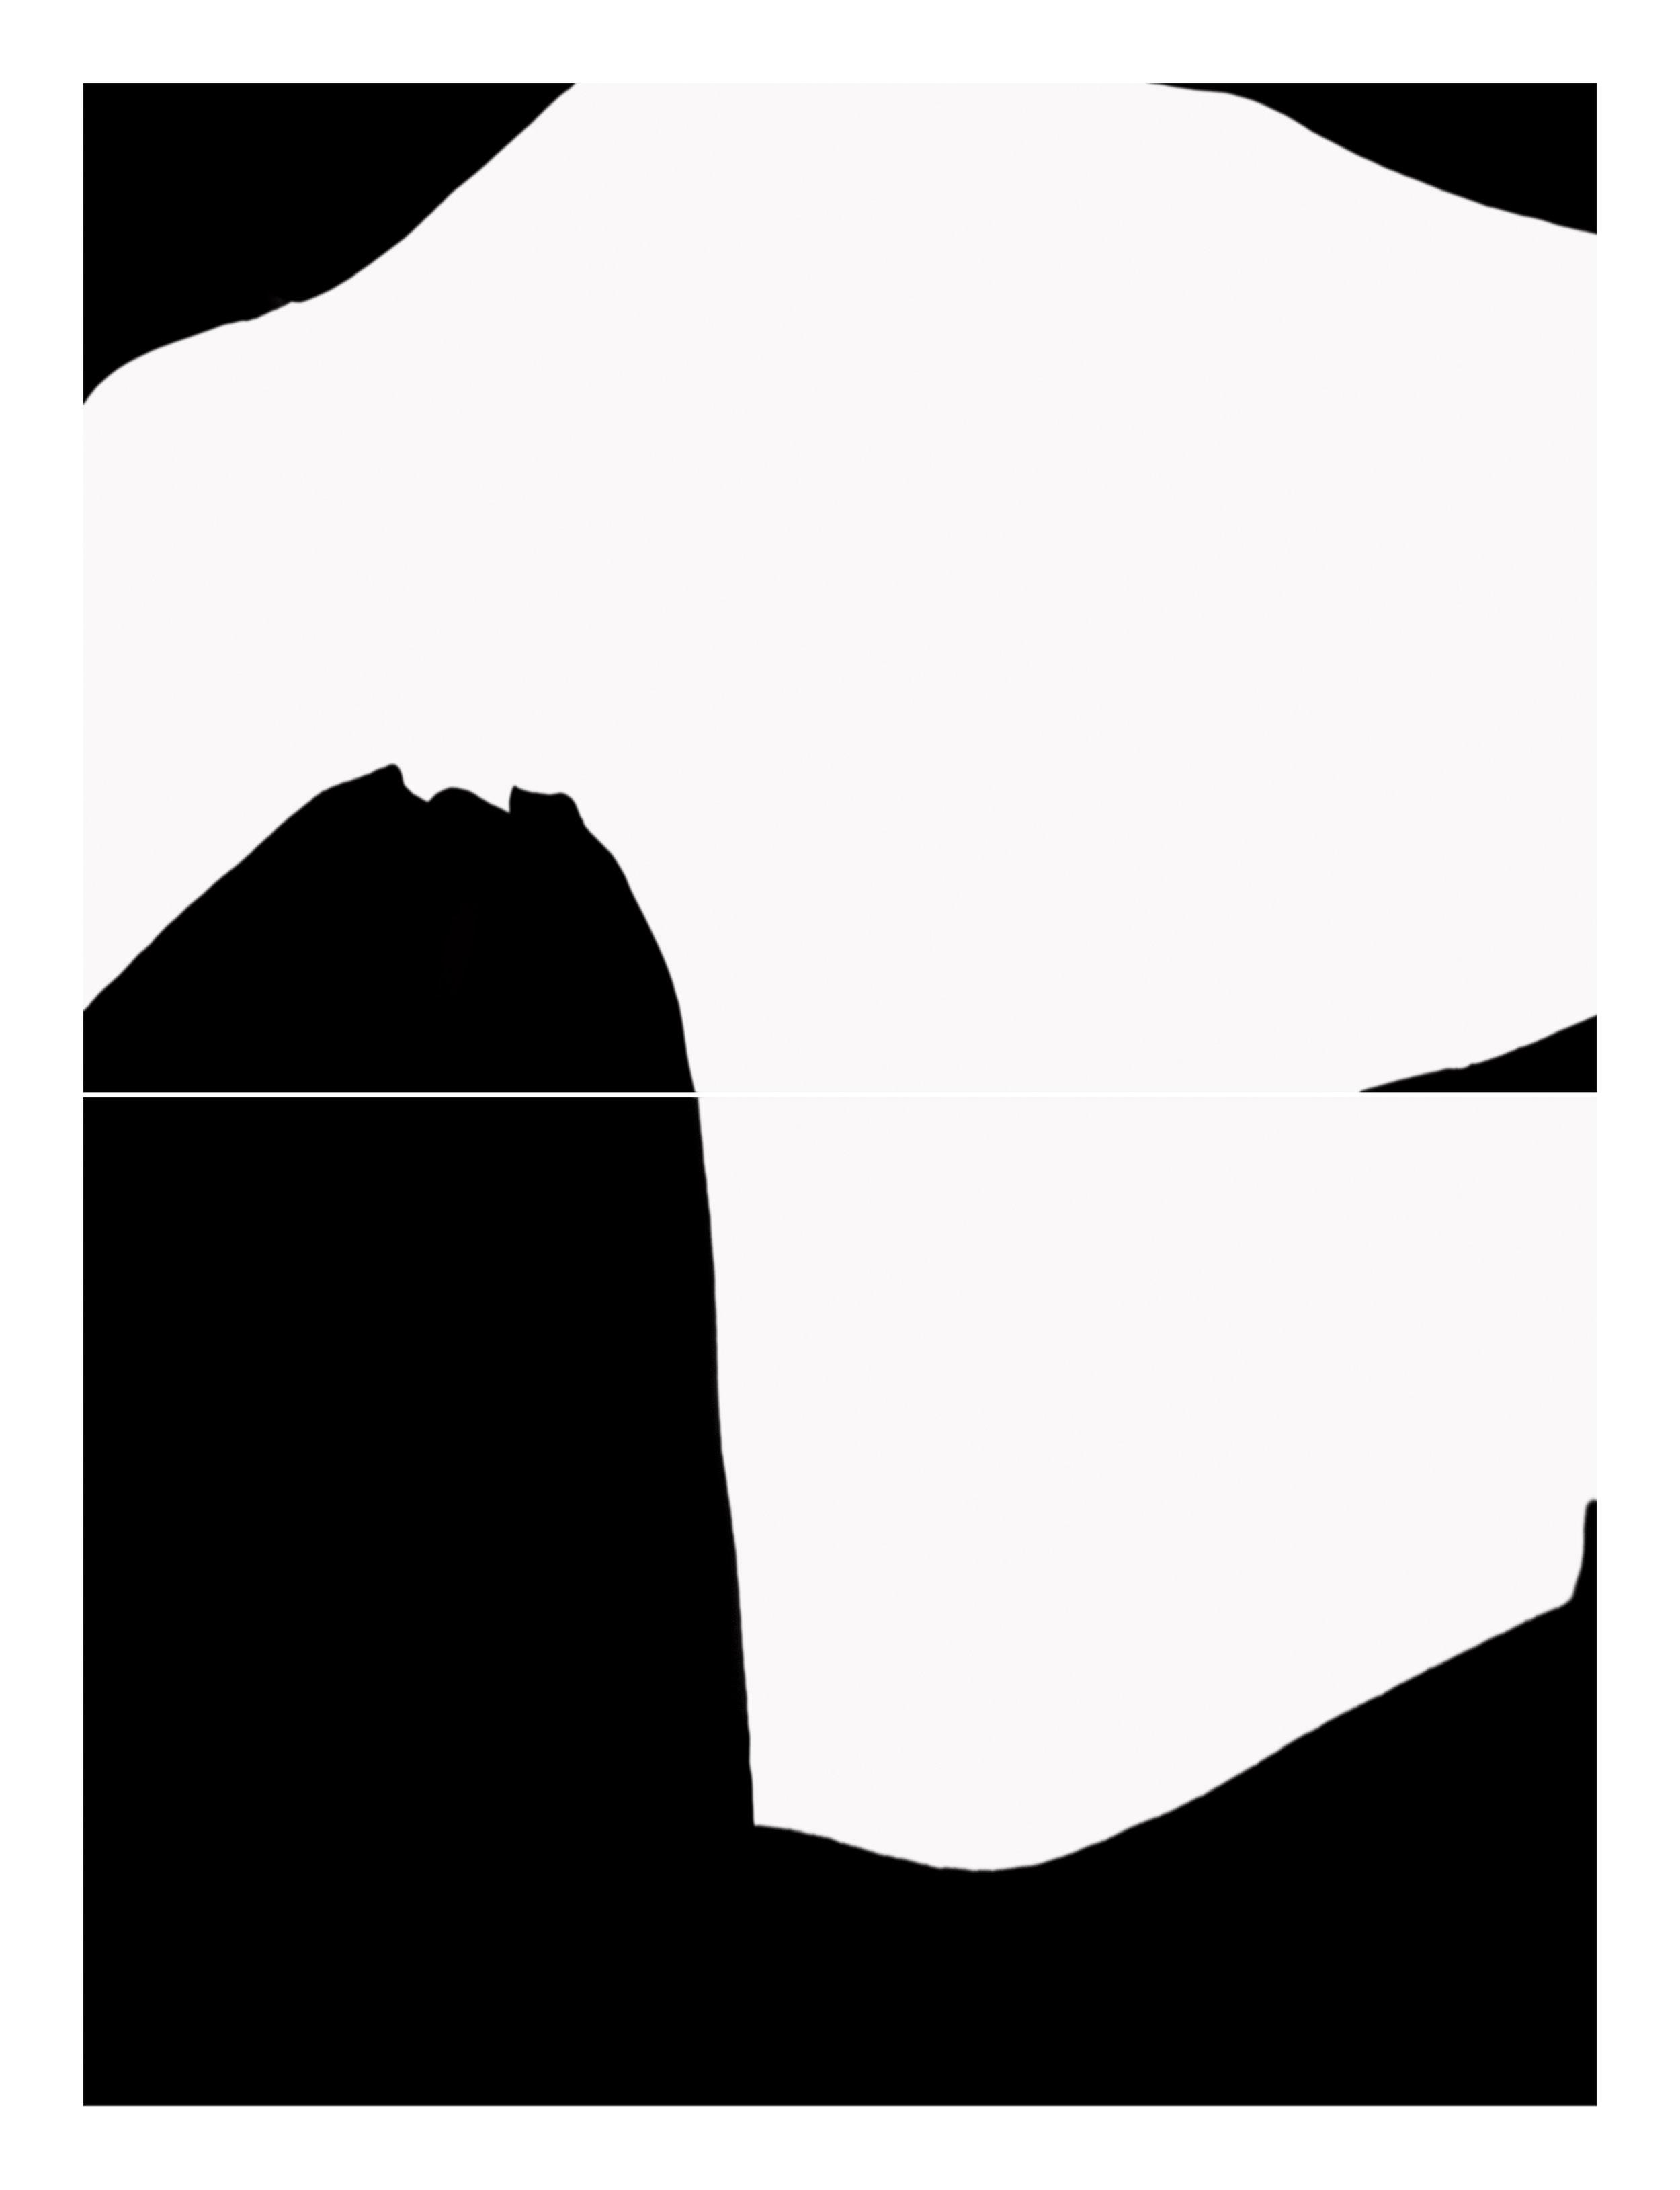 Billy Hare. NLN 7735 - 7573, 2014. Impresión por inyección de tinta sobre papel baritado. 145 x 111 cm. Ed. 1_1.jpg